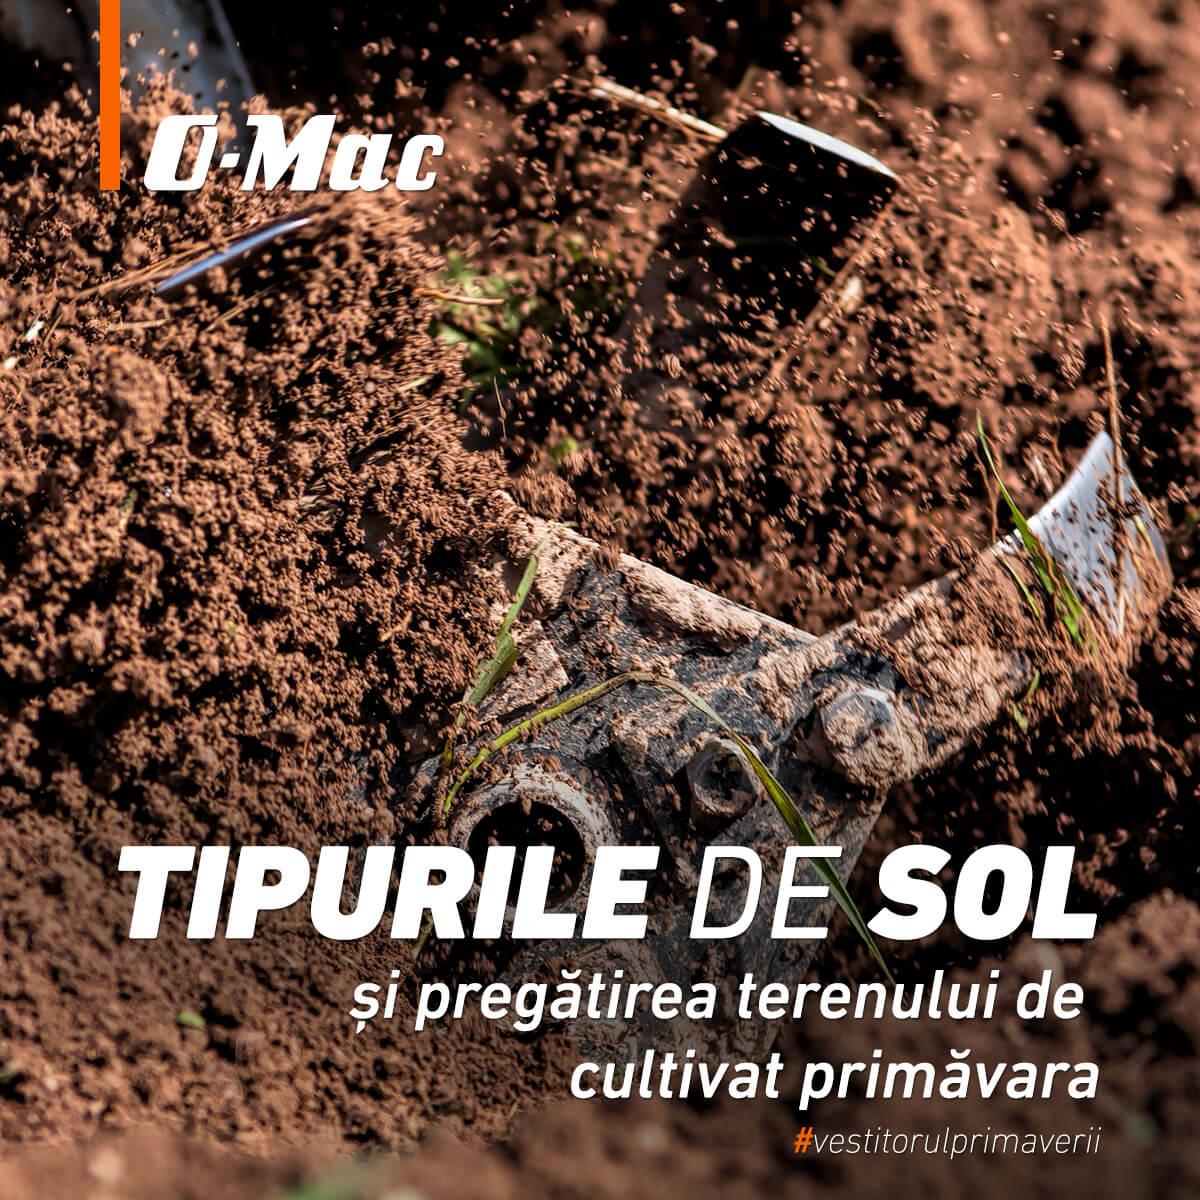 Tipurile de sol și pregătirea terenului de cultivat primăvara